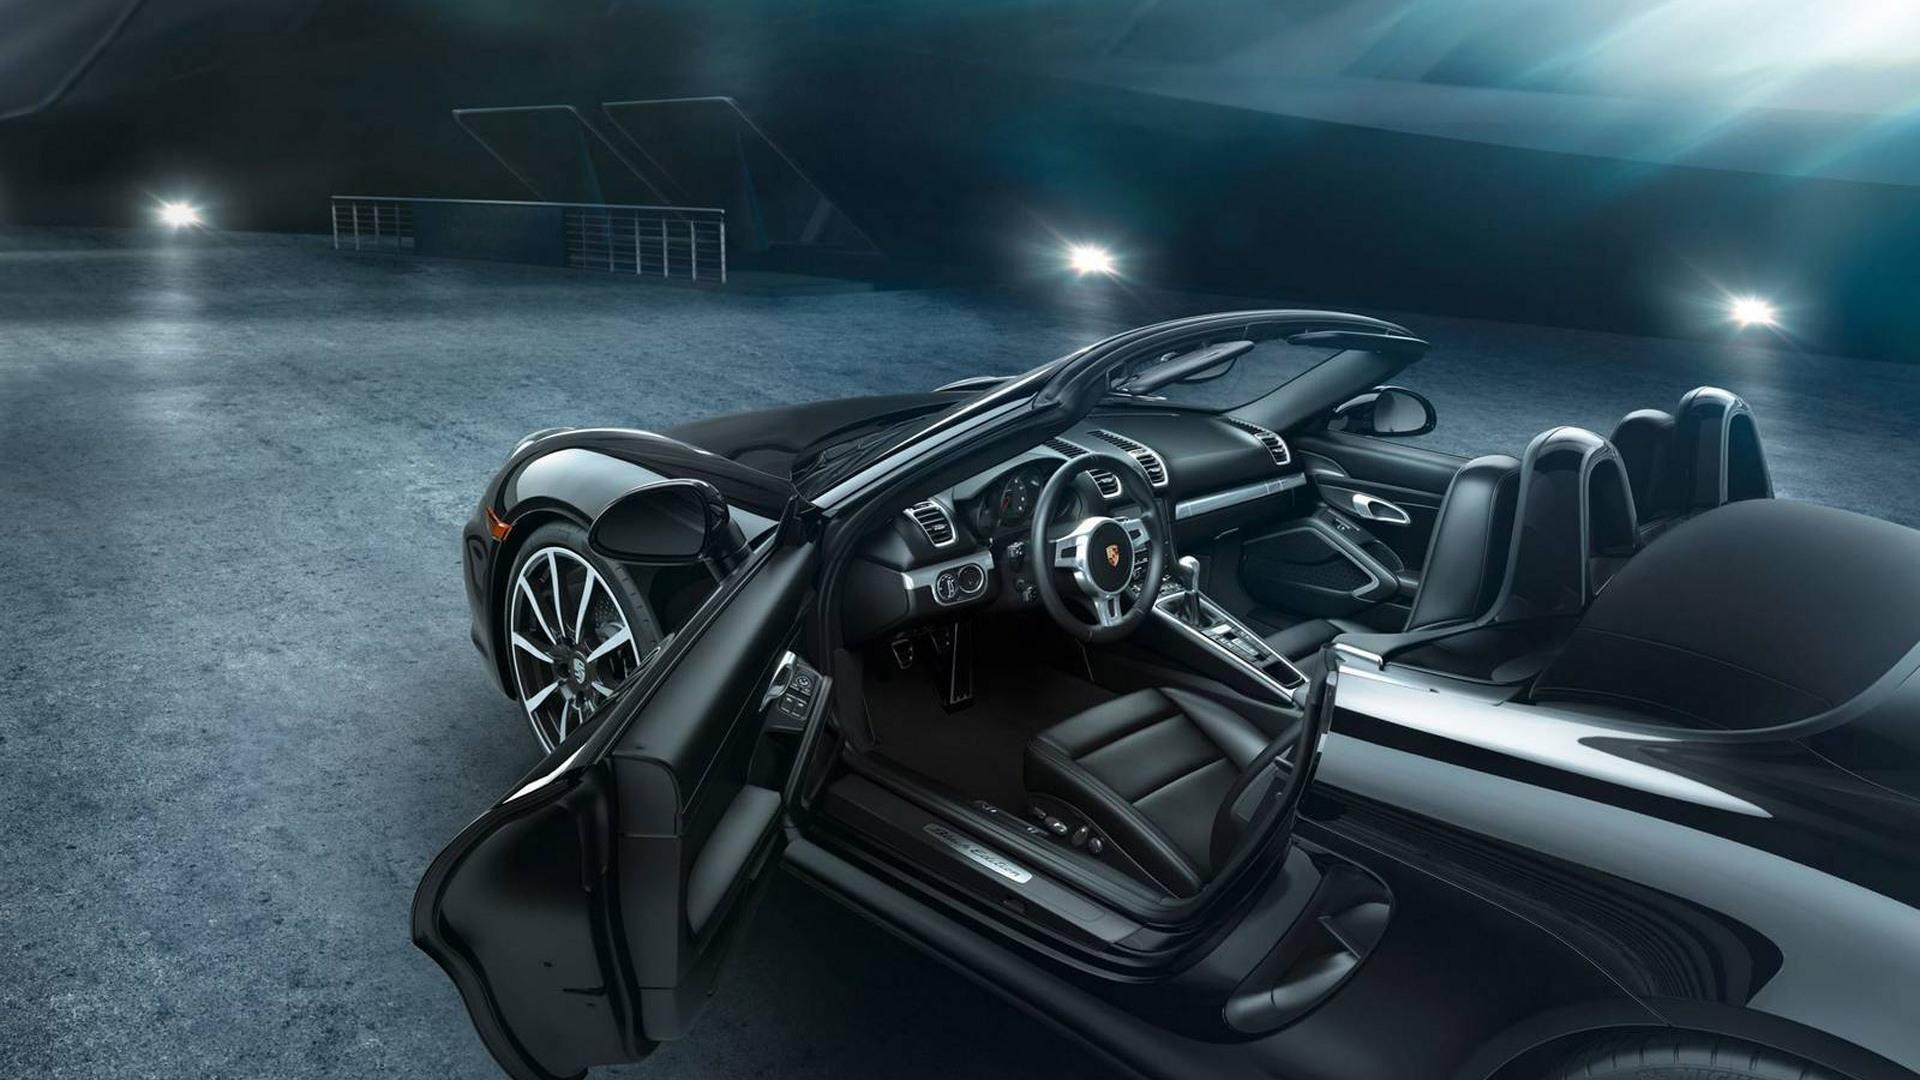 2016 Porsche Boxster Black Edition